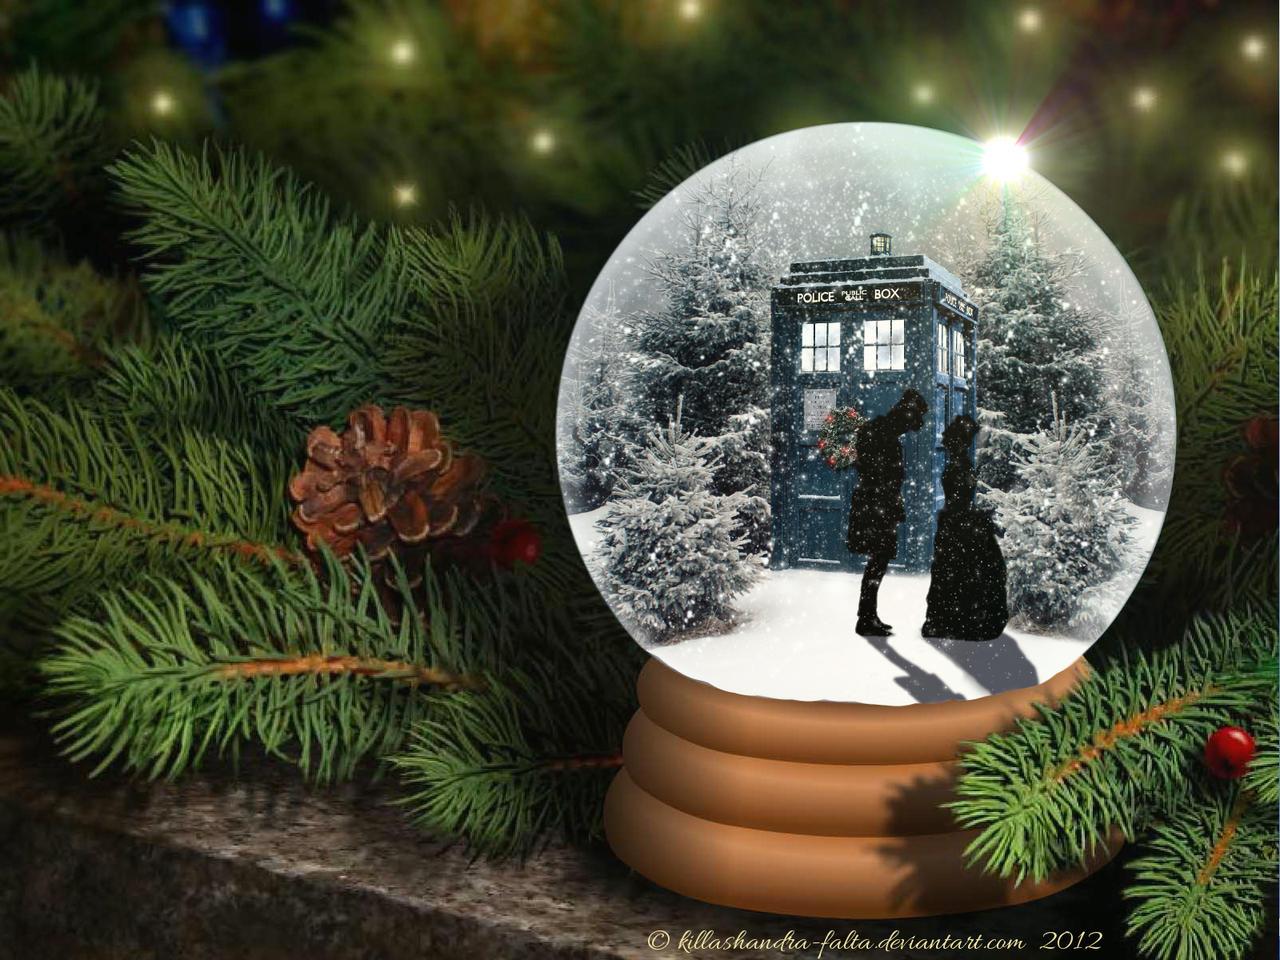 Doctor Who Snow Globe 2012 By Killashandra Falta On